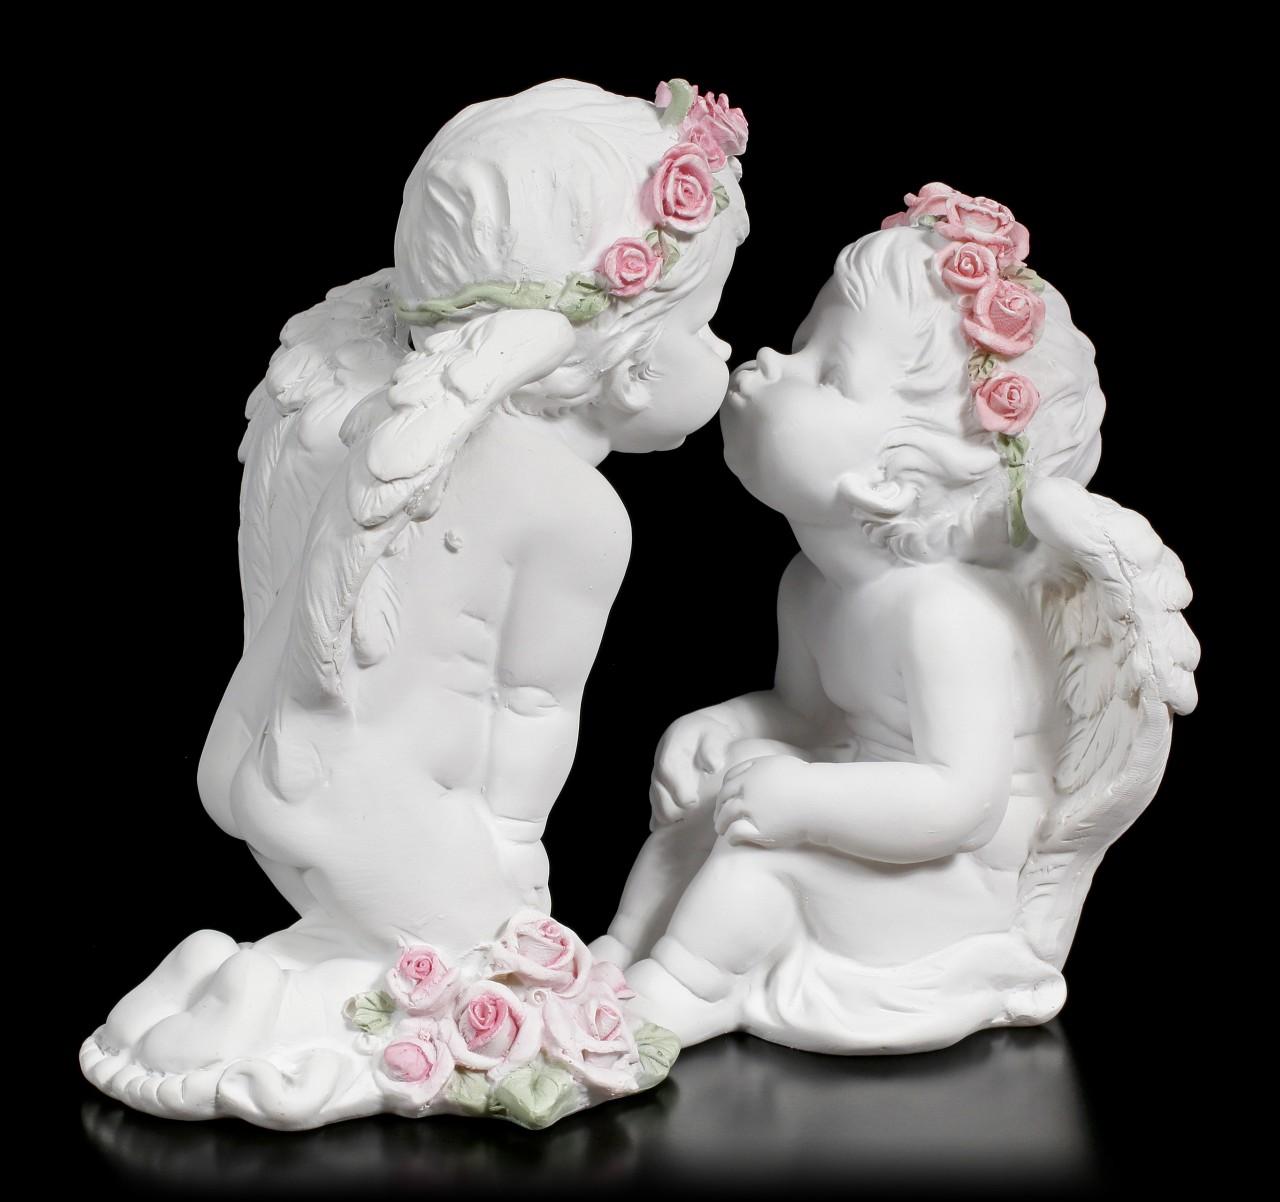 Zwei weiße Cherubim Figuren küssen sich